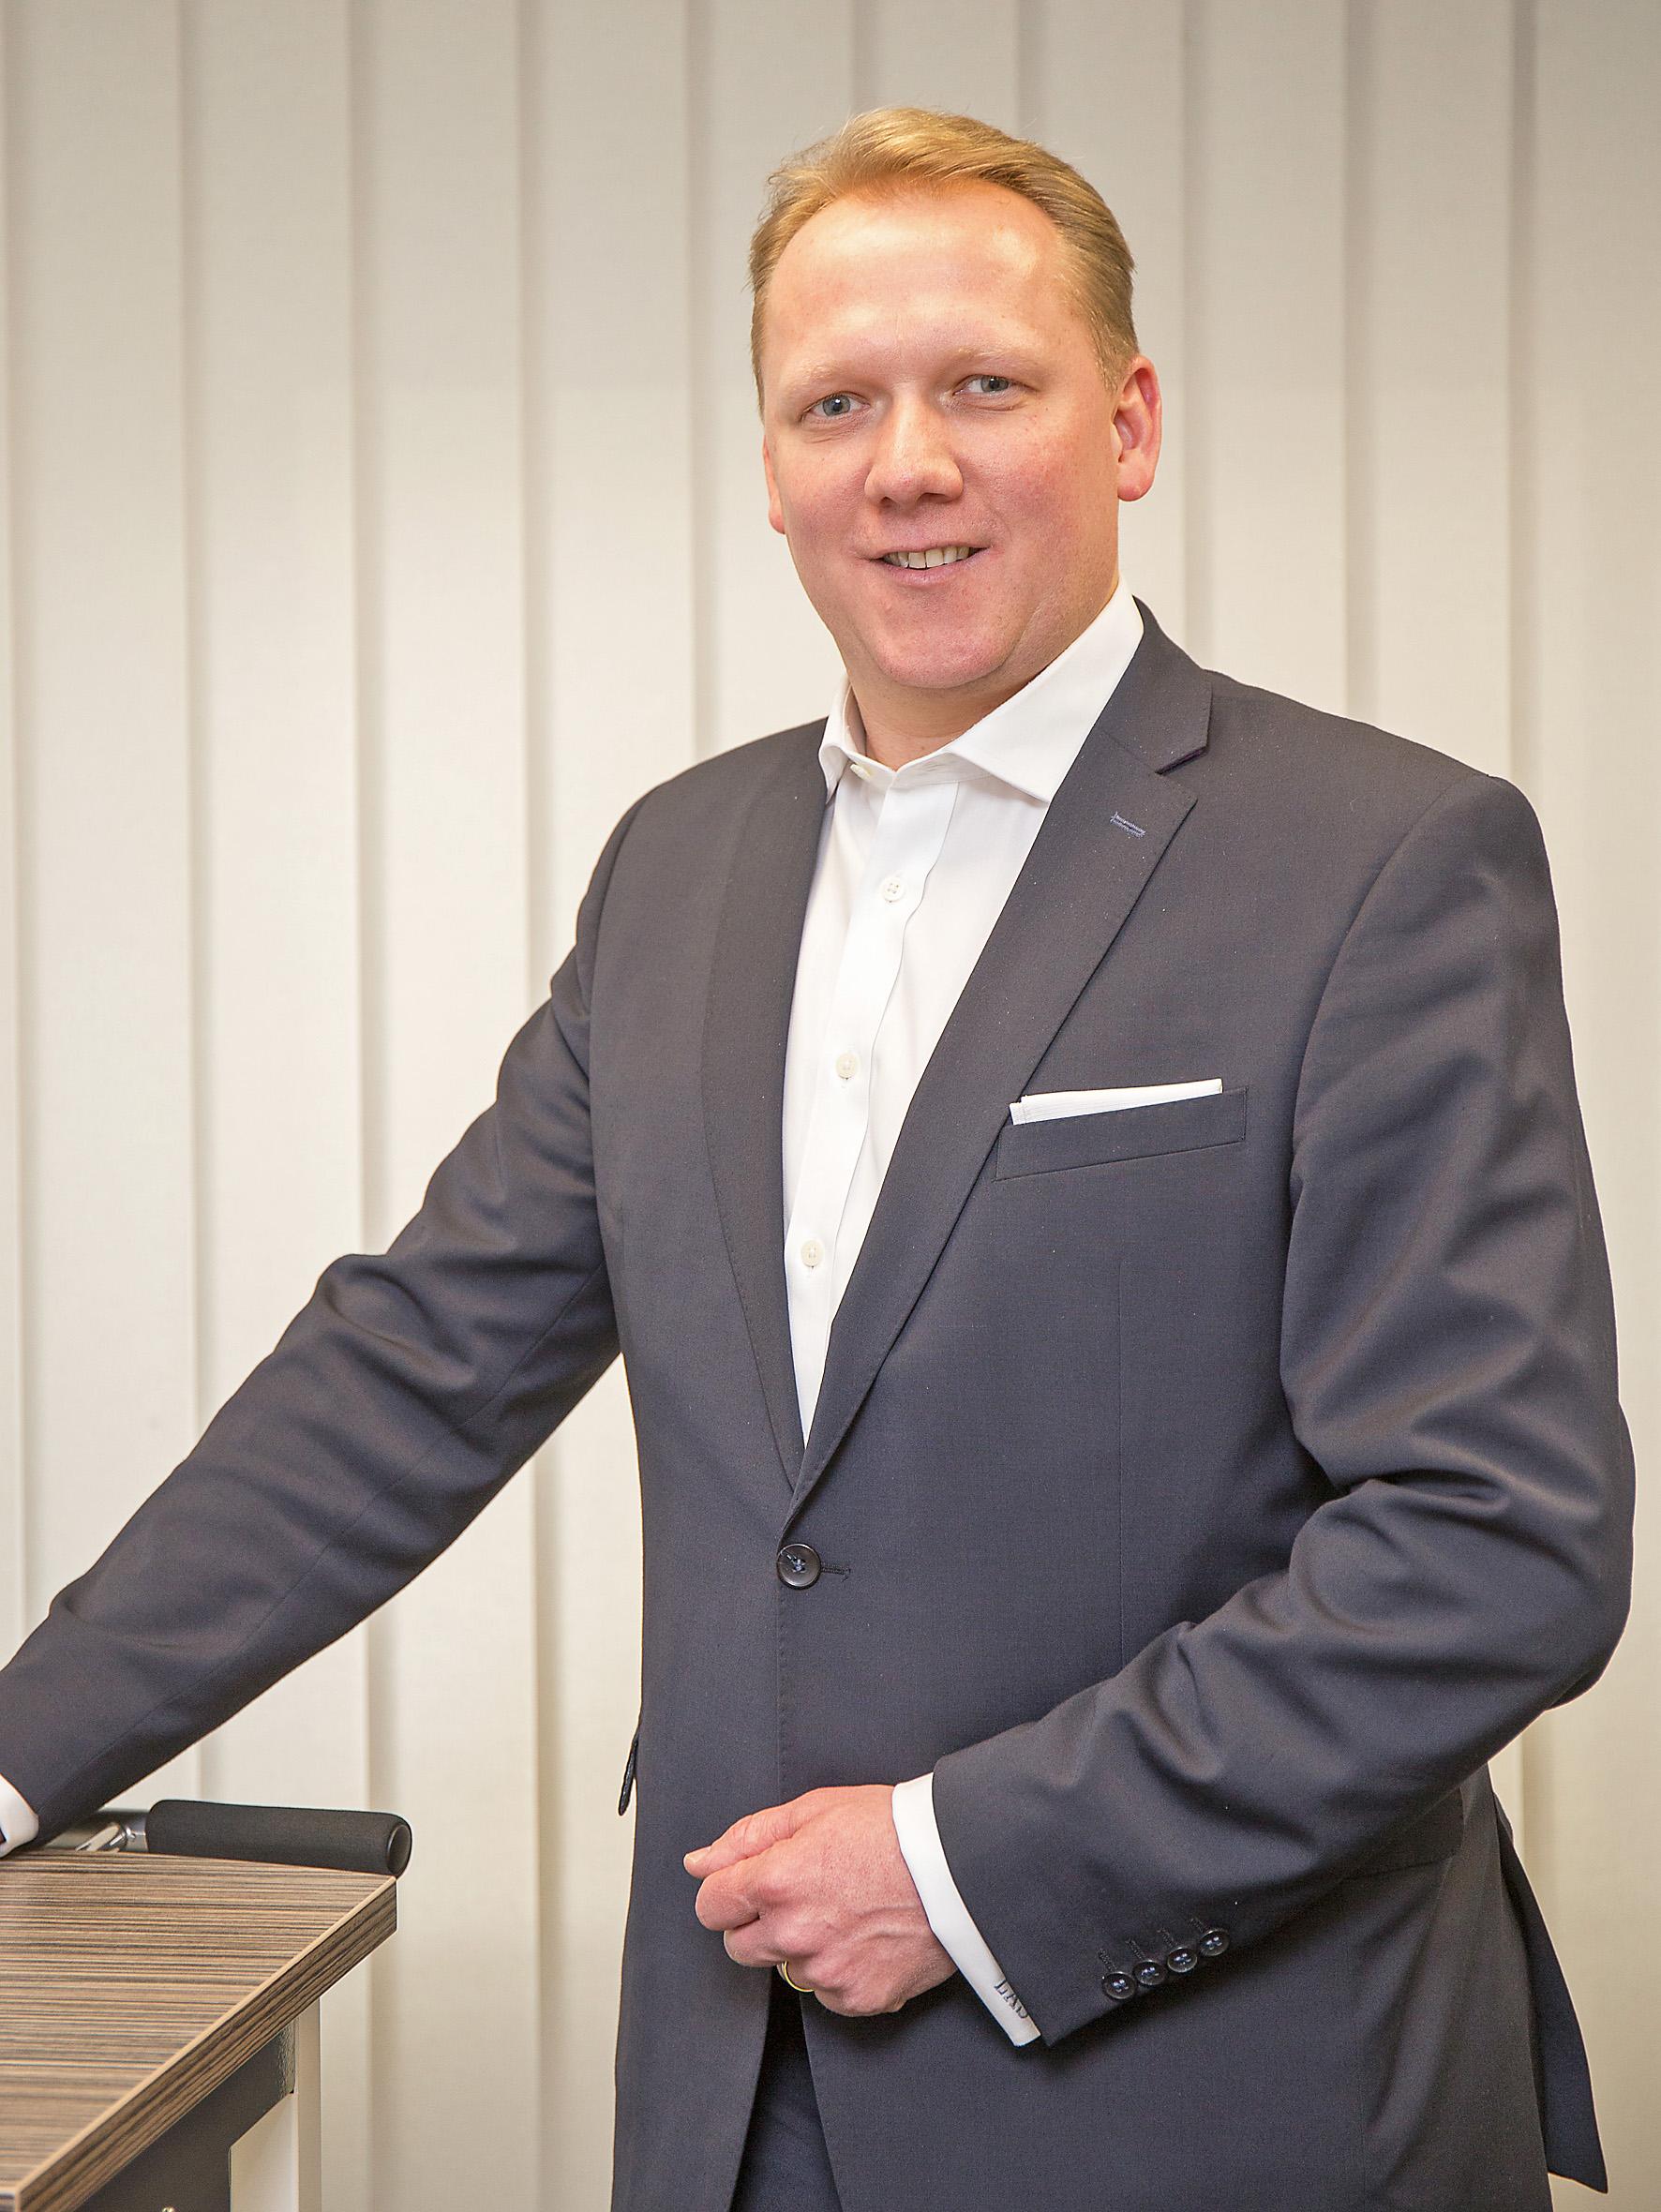 Seit dem 1. Februar 2017 verstärkt Lutz A. Schneppendahl die Geschäftsführung der beiden Unternehmen.